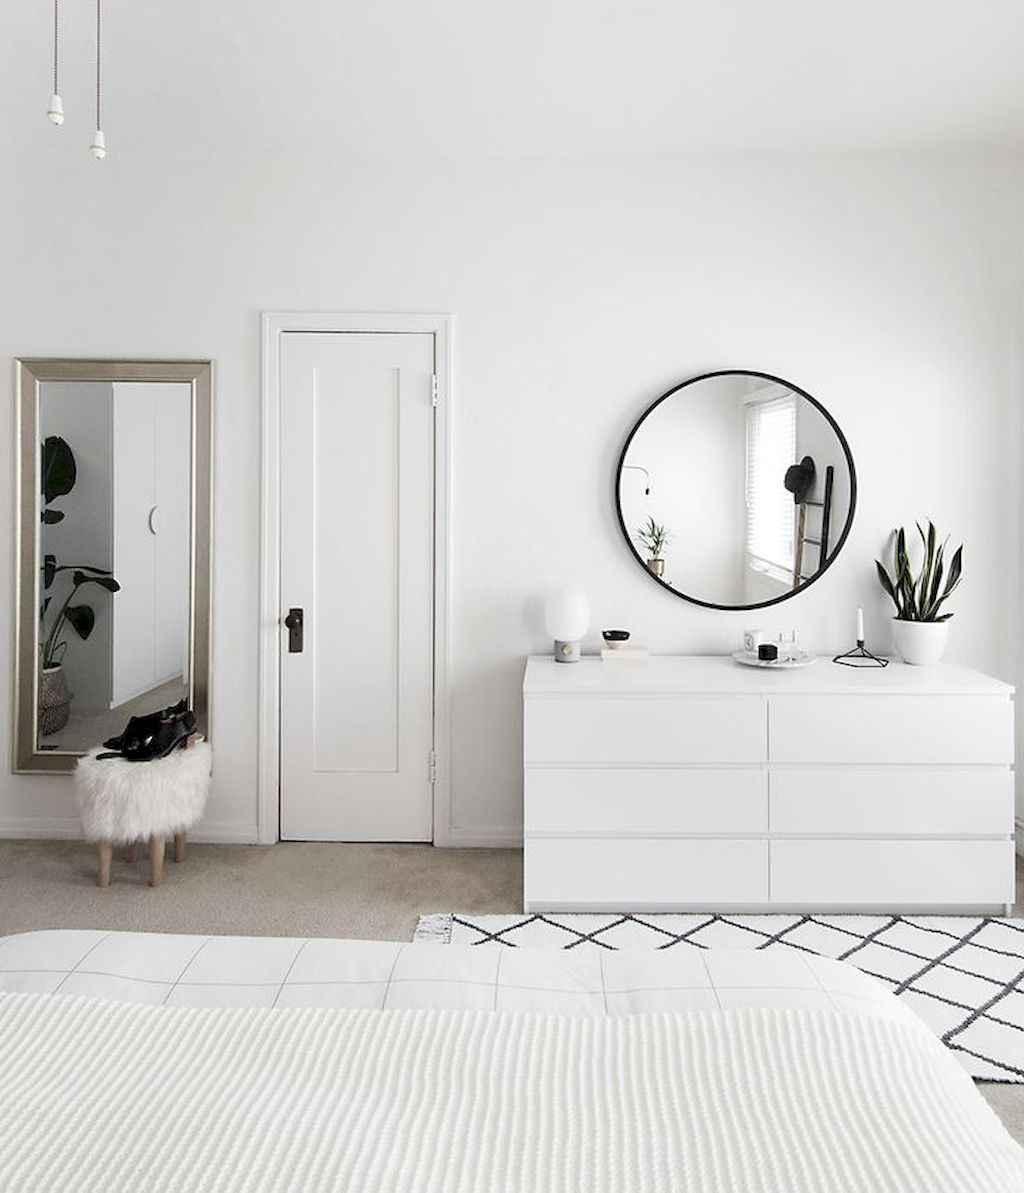 Great minimalist bedroom ideas (50) - Roomadness.com